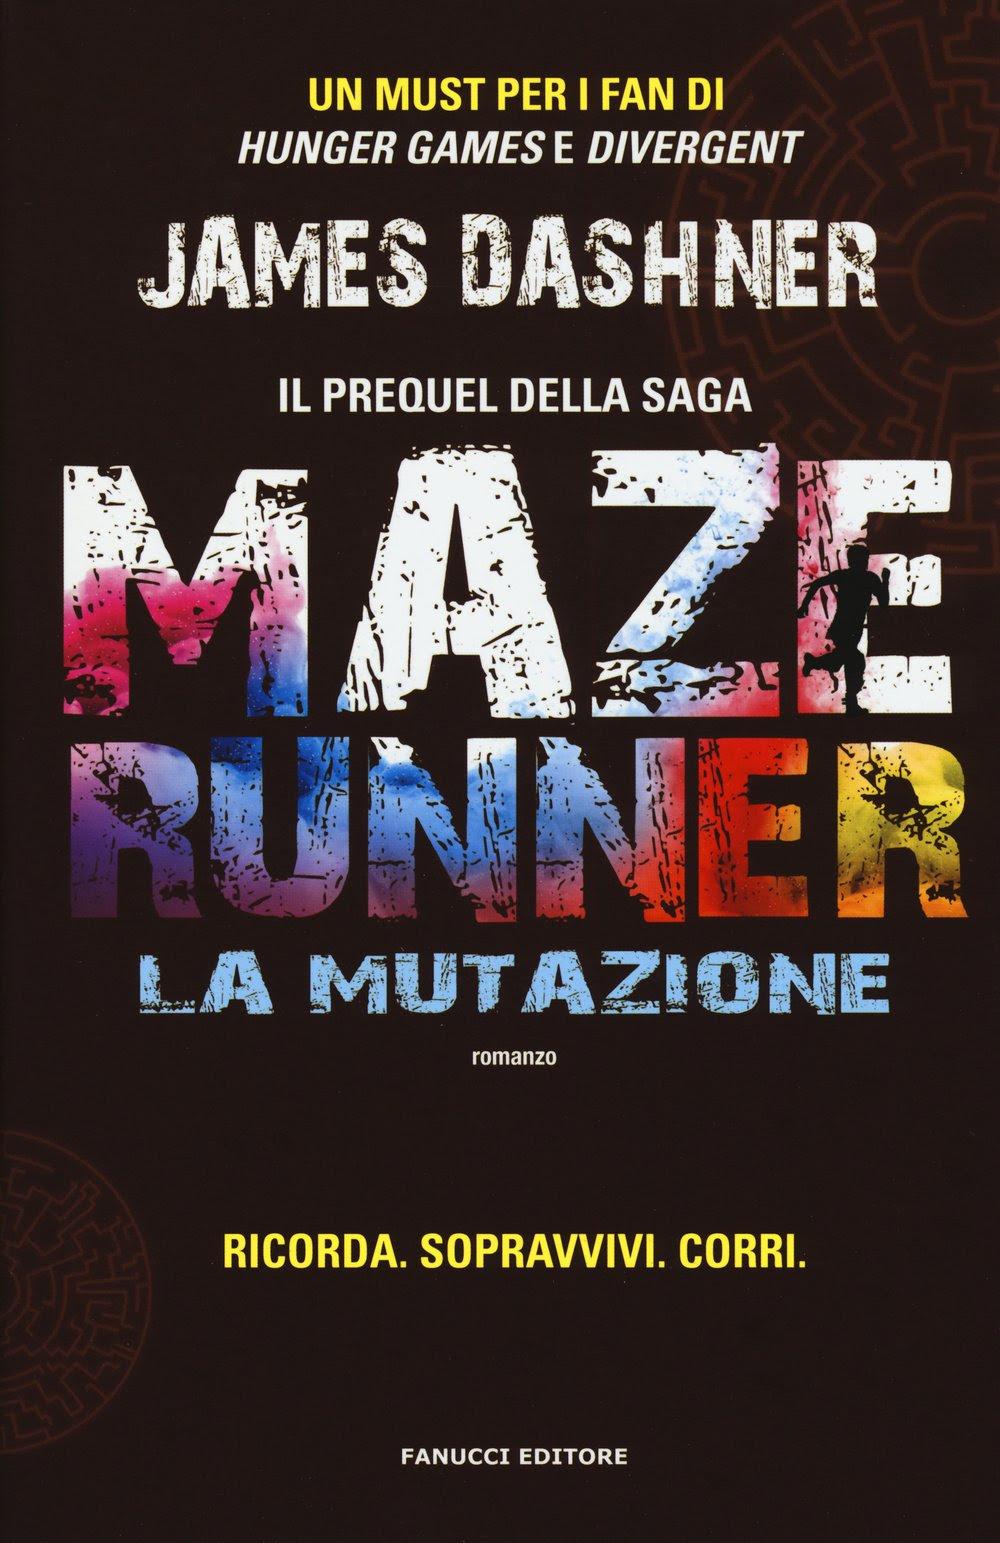 Maze Runner_La mutazione